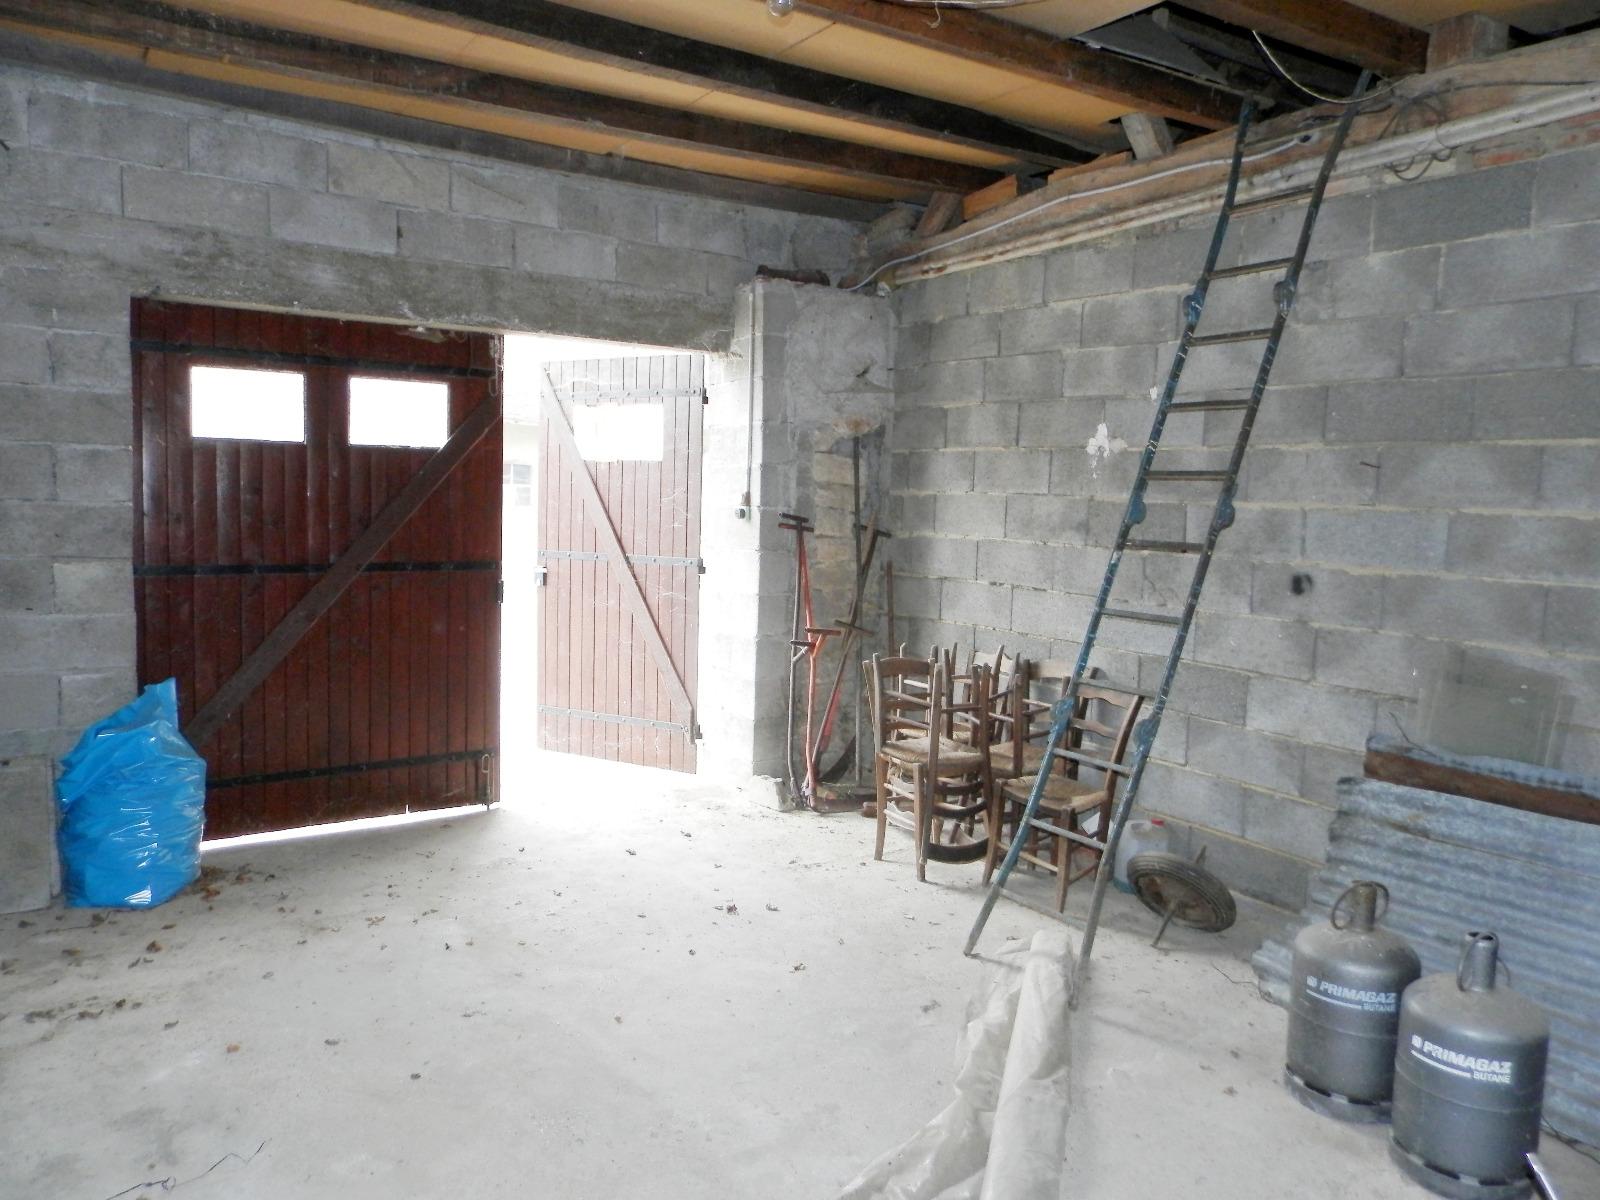 Vente proche lons le saunier et louhans 71 maison plain pied m terrain env 3500 m - Garage suzuki lons le saunier ...